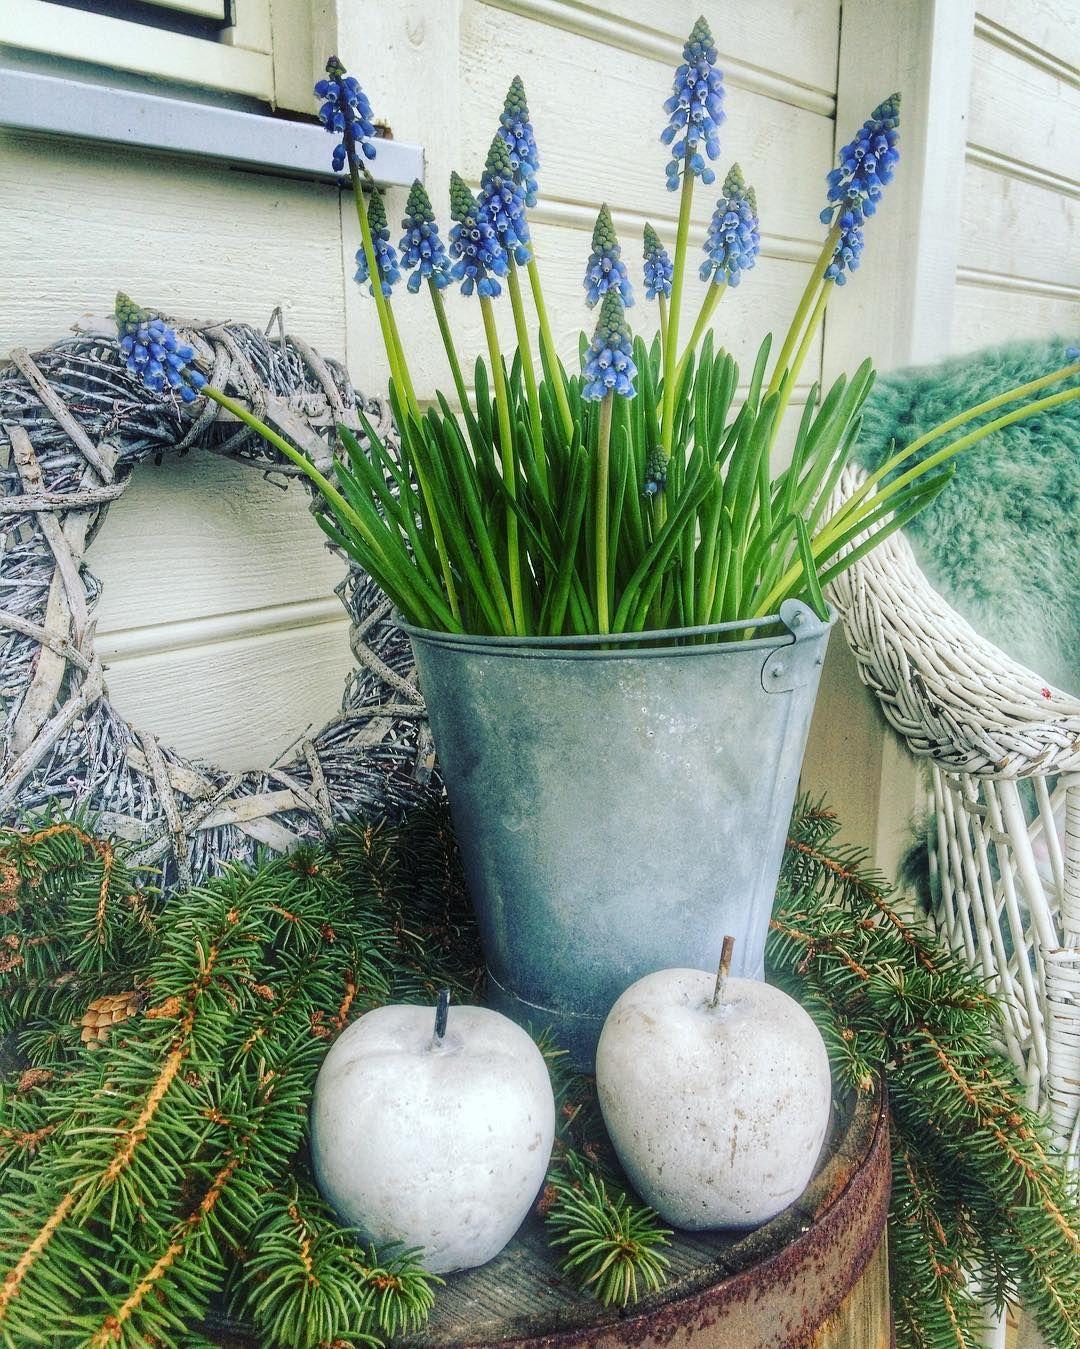 Perleblom på sitt vakreste  #våren er i anmarsj #minoaseno #flowers #spring #venterpåvåren #moseplassen #minhage #inngangsparti #velkommenhjem  #ig_myshot #mygarden